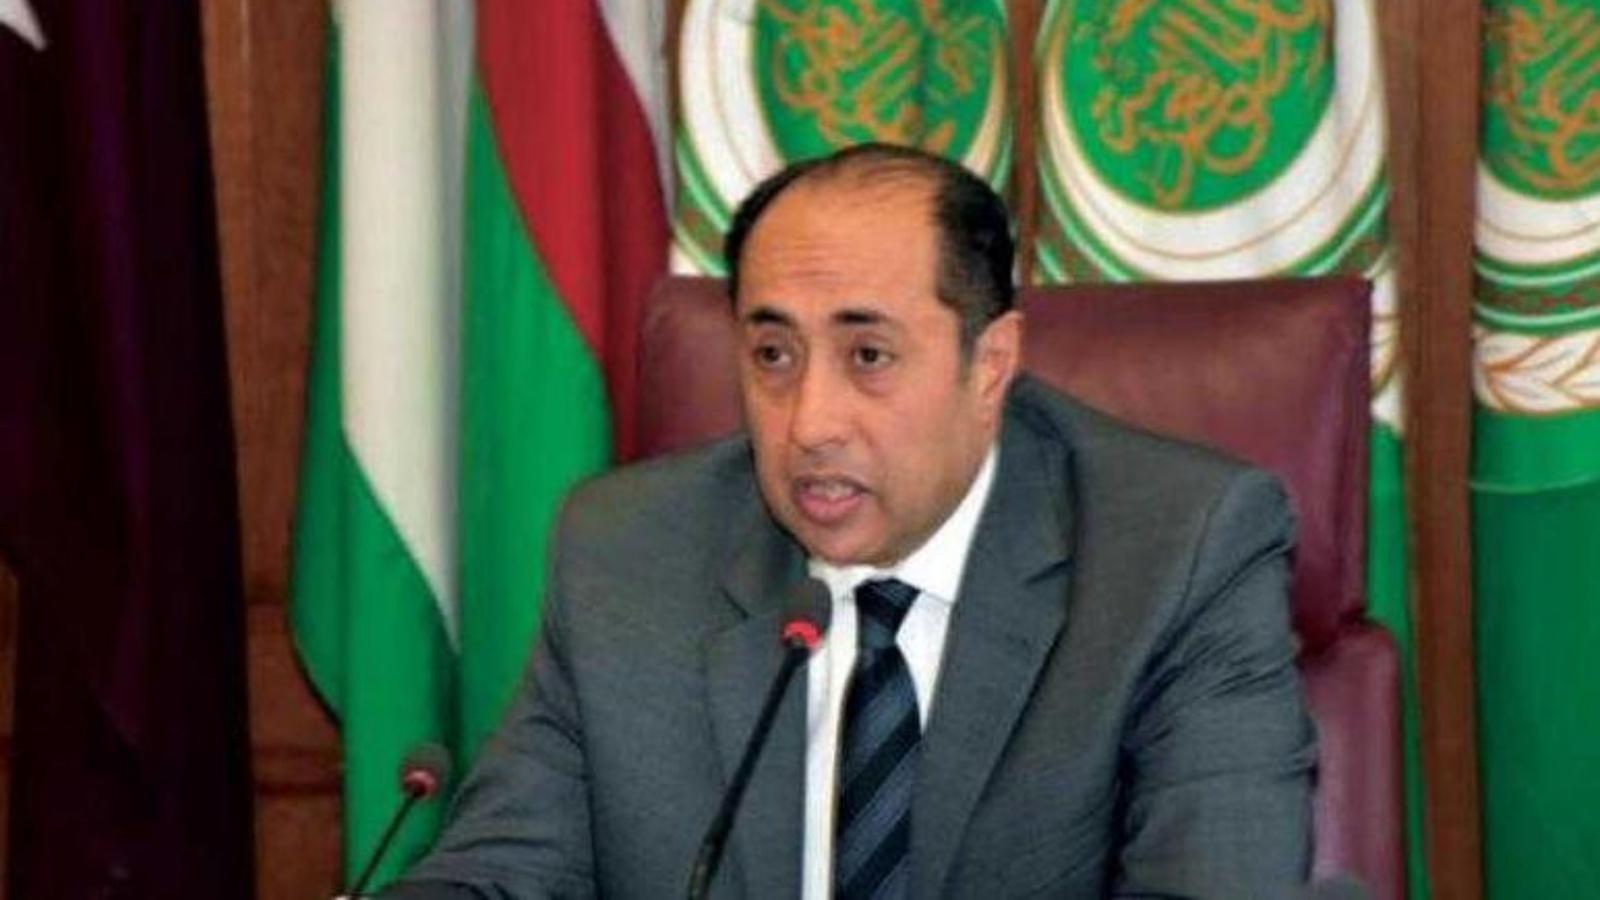 السعودية نيوز |  حسام زكي لـ «إيلاف»: الأطراف المناوئة لا تكترث بمصالح الدول العربية